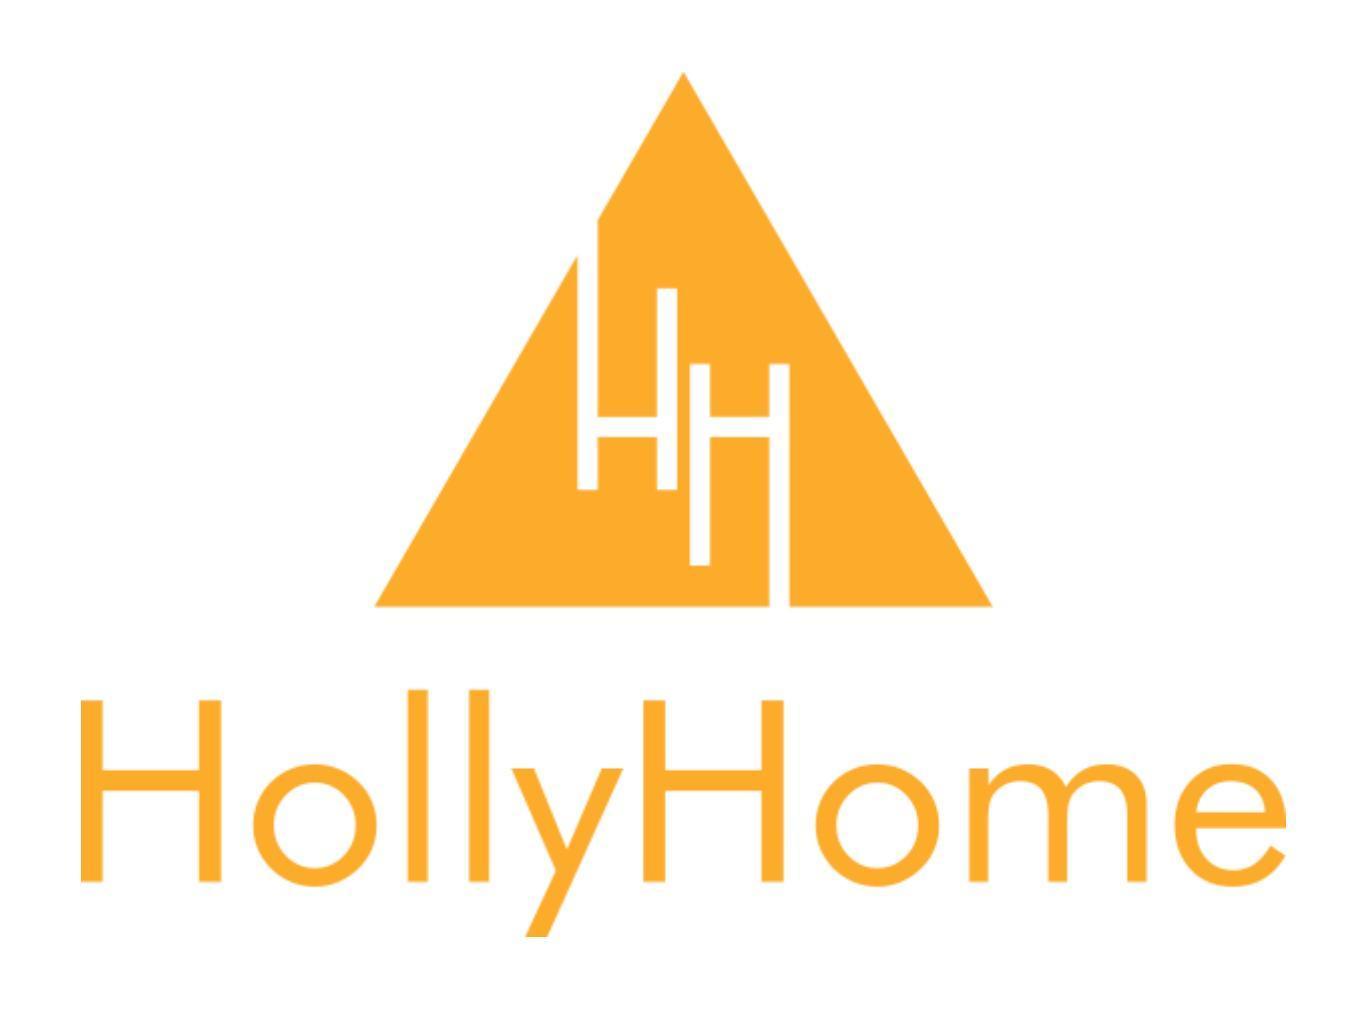 HollyHome agence immobilière Le Bouscat (33110)